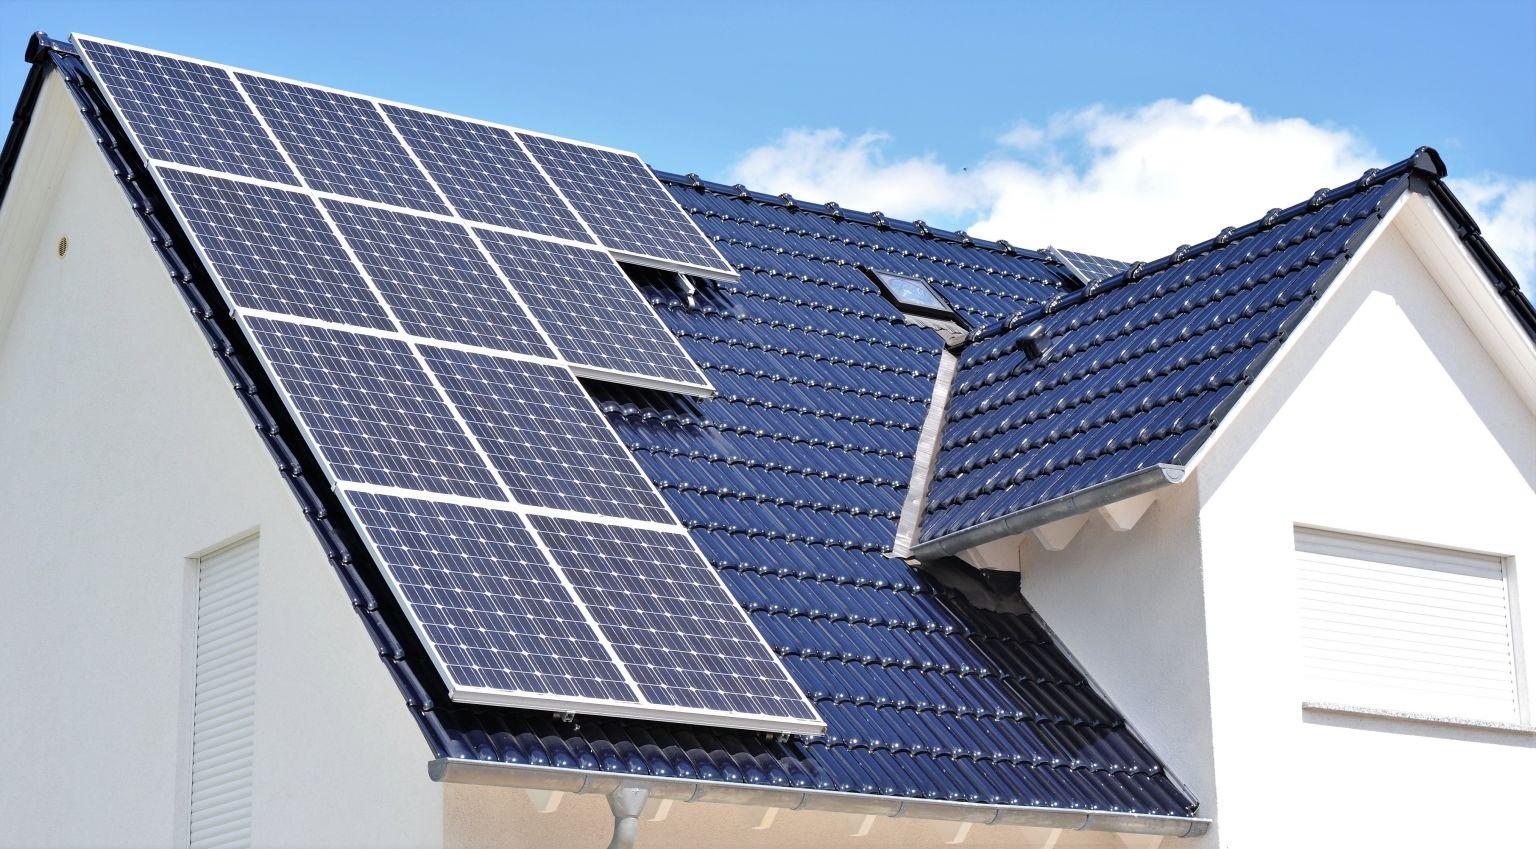 Durchbruch bei Einwicklung von Solarzellen